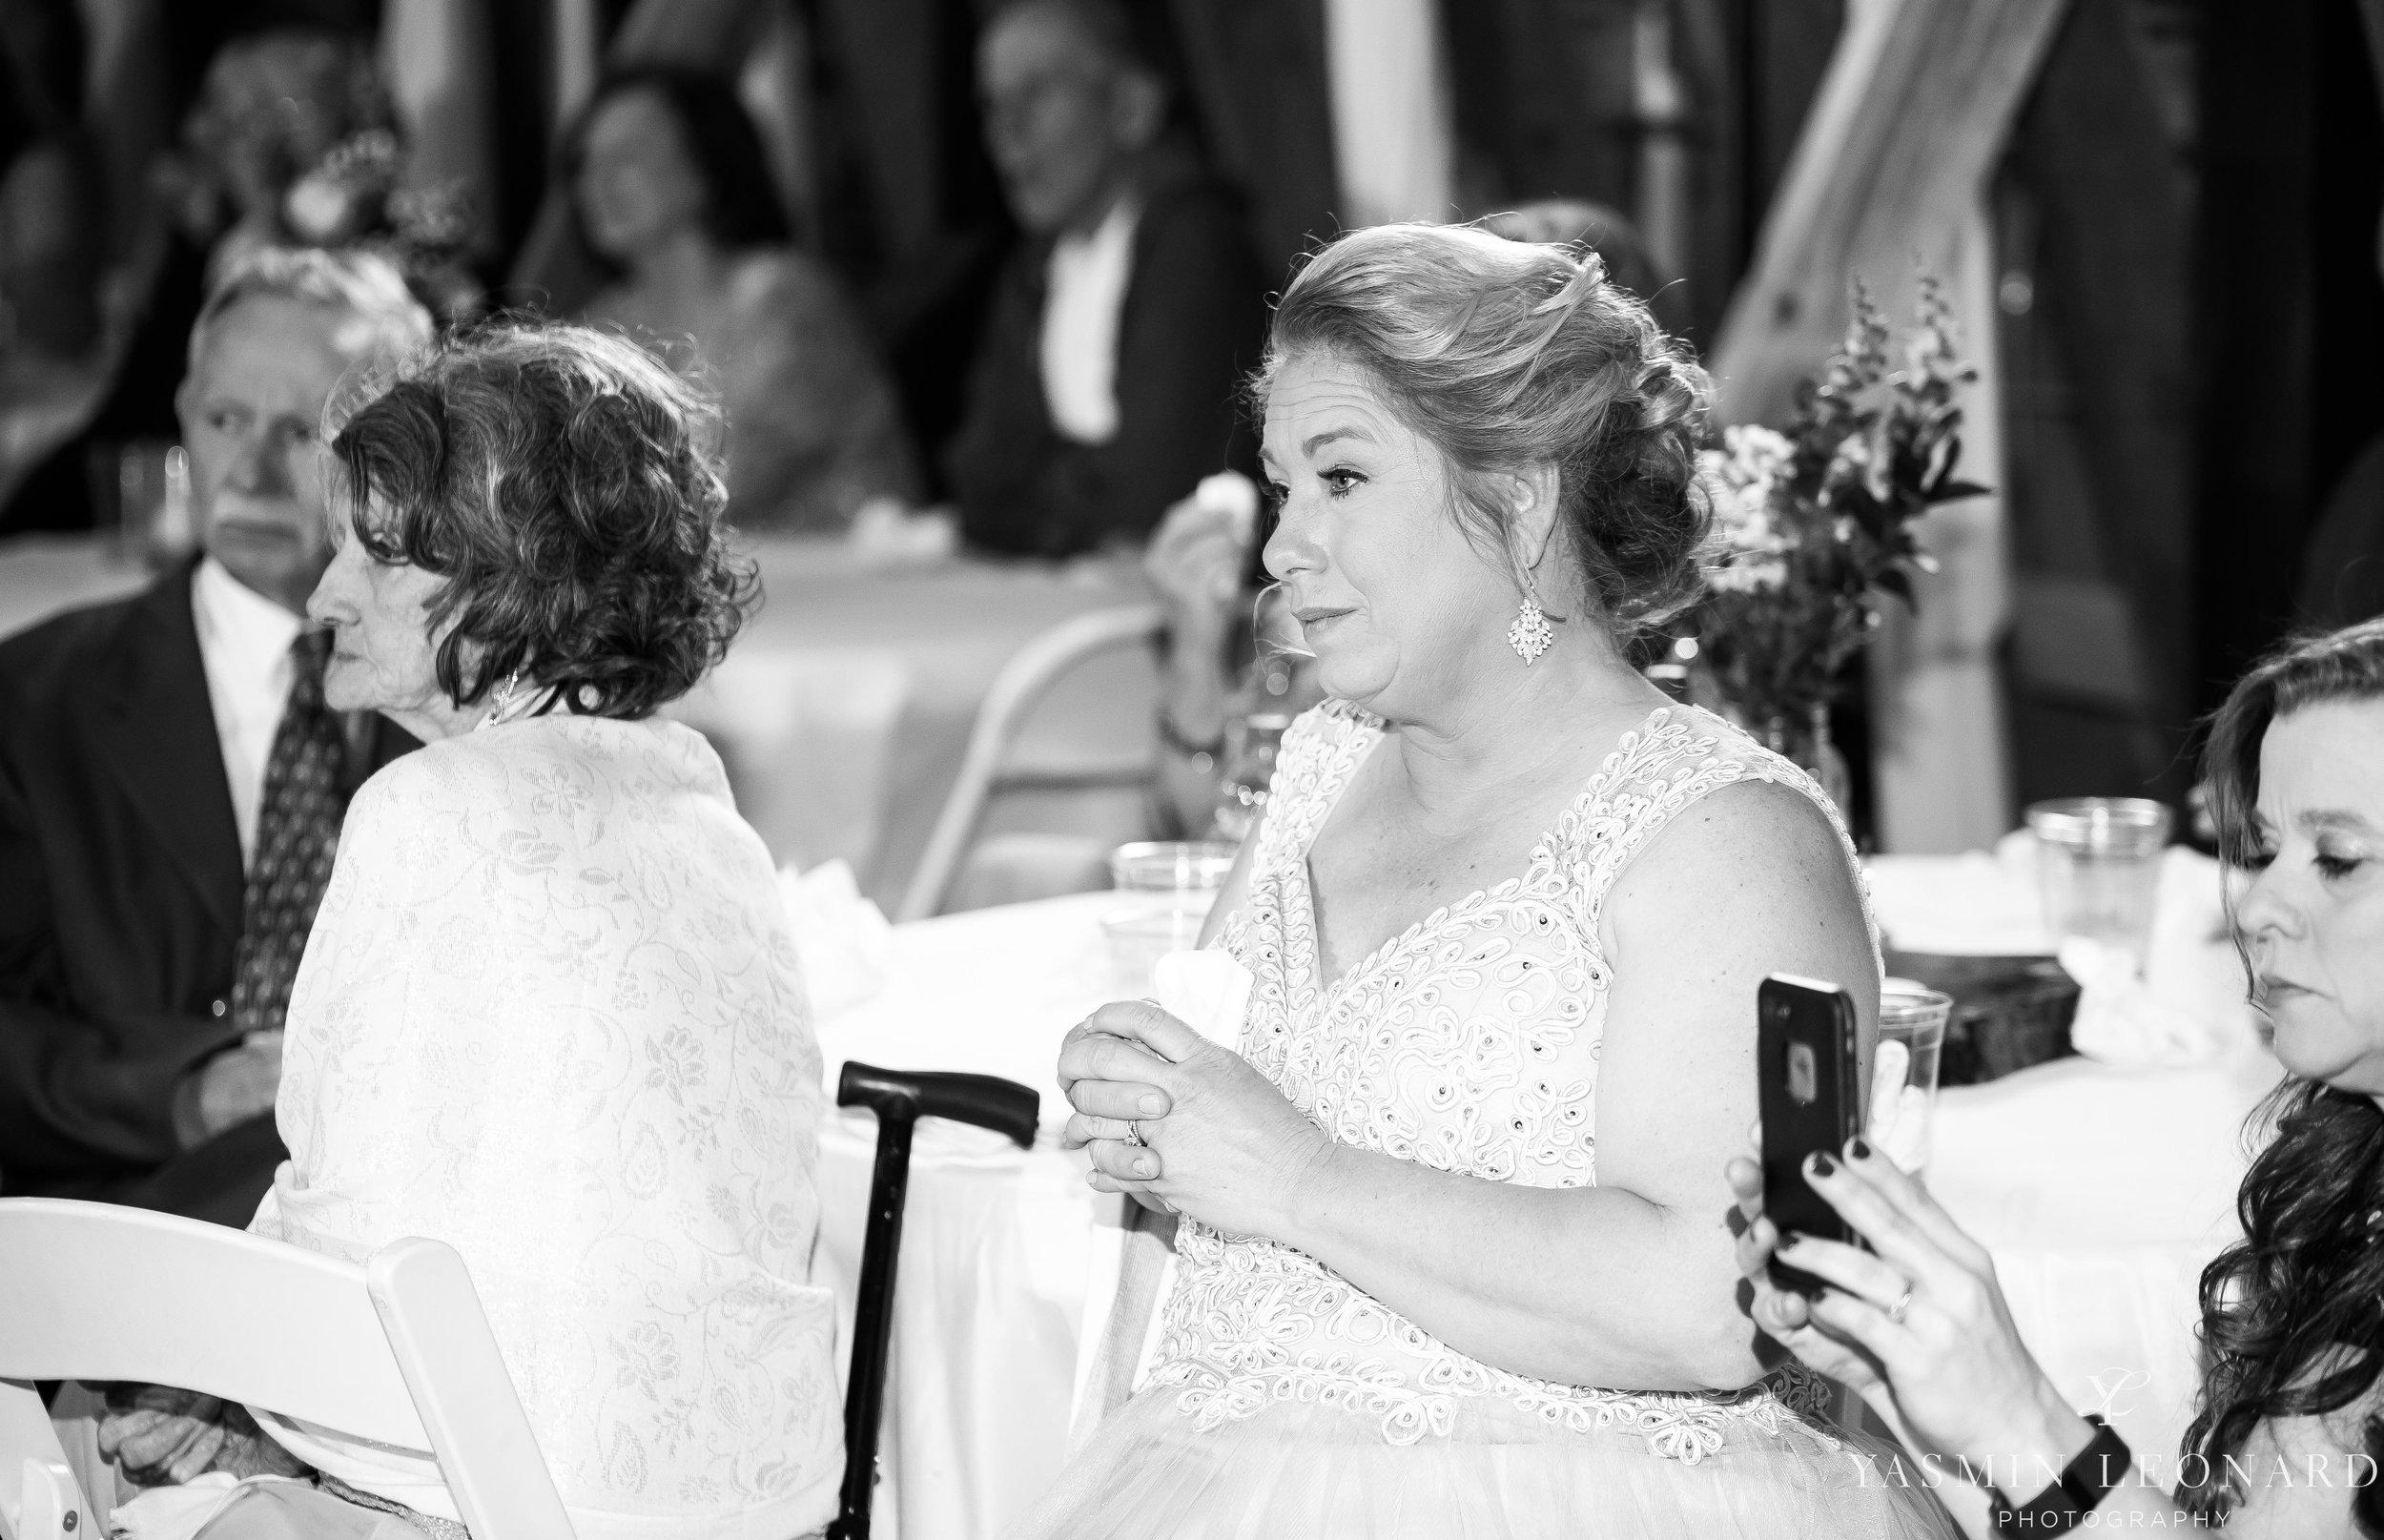 Millikan Farms - Millikan Farms Wedding - Sophia NC Wedding - NC Wedding - NC Wedding Photographer - Yasmin Leonard Photography - High Point Photographer - Barn Wedding - Wedding Venues in NC - Triad Wedding Photographer-77.jpg